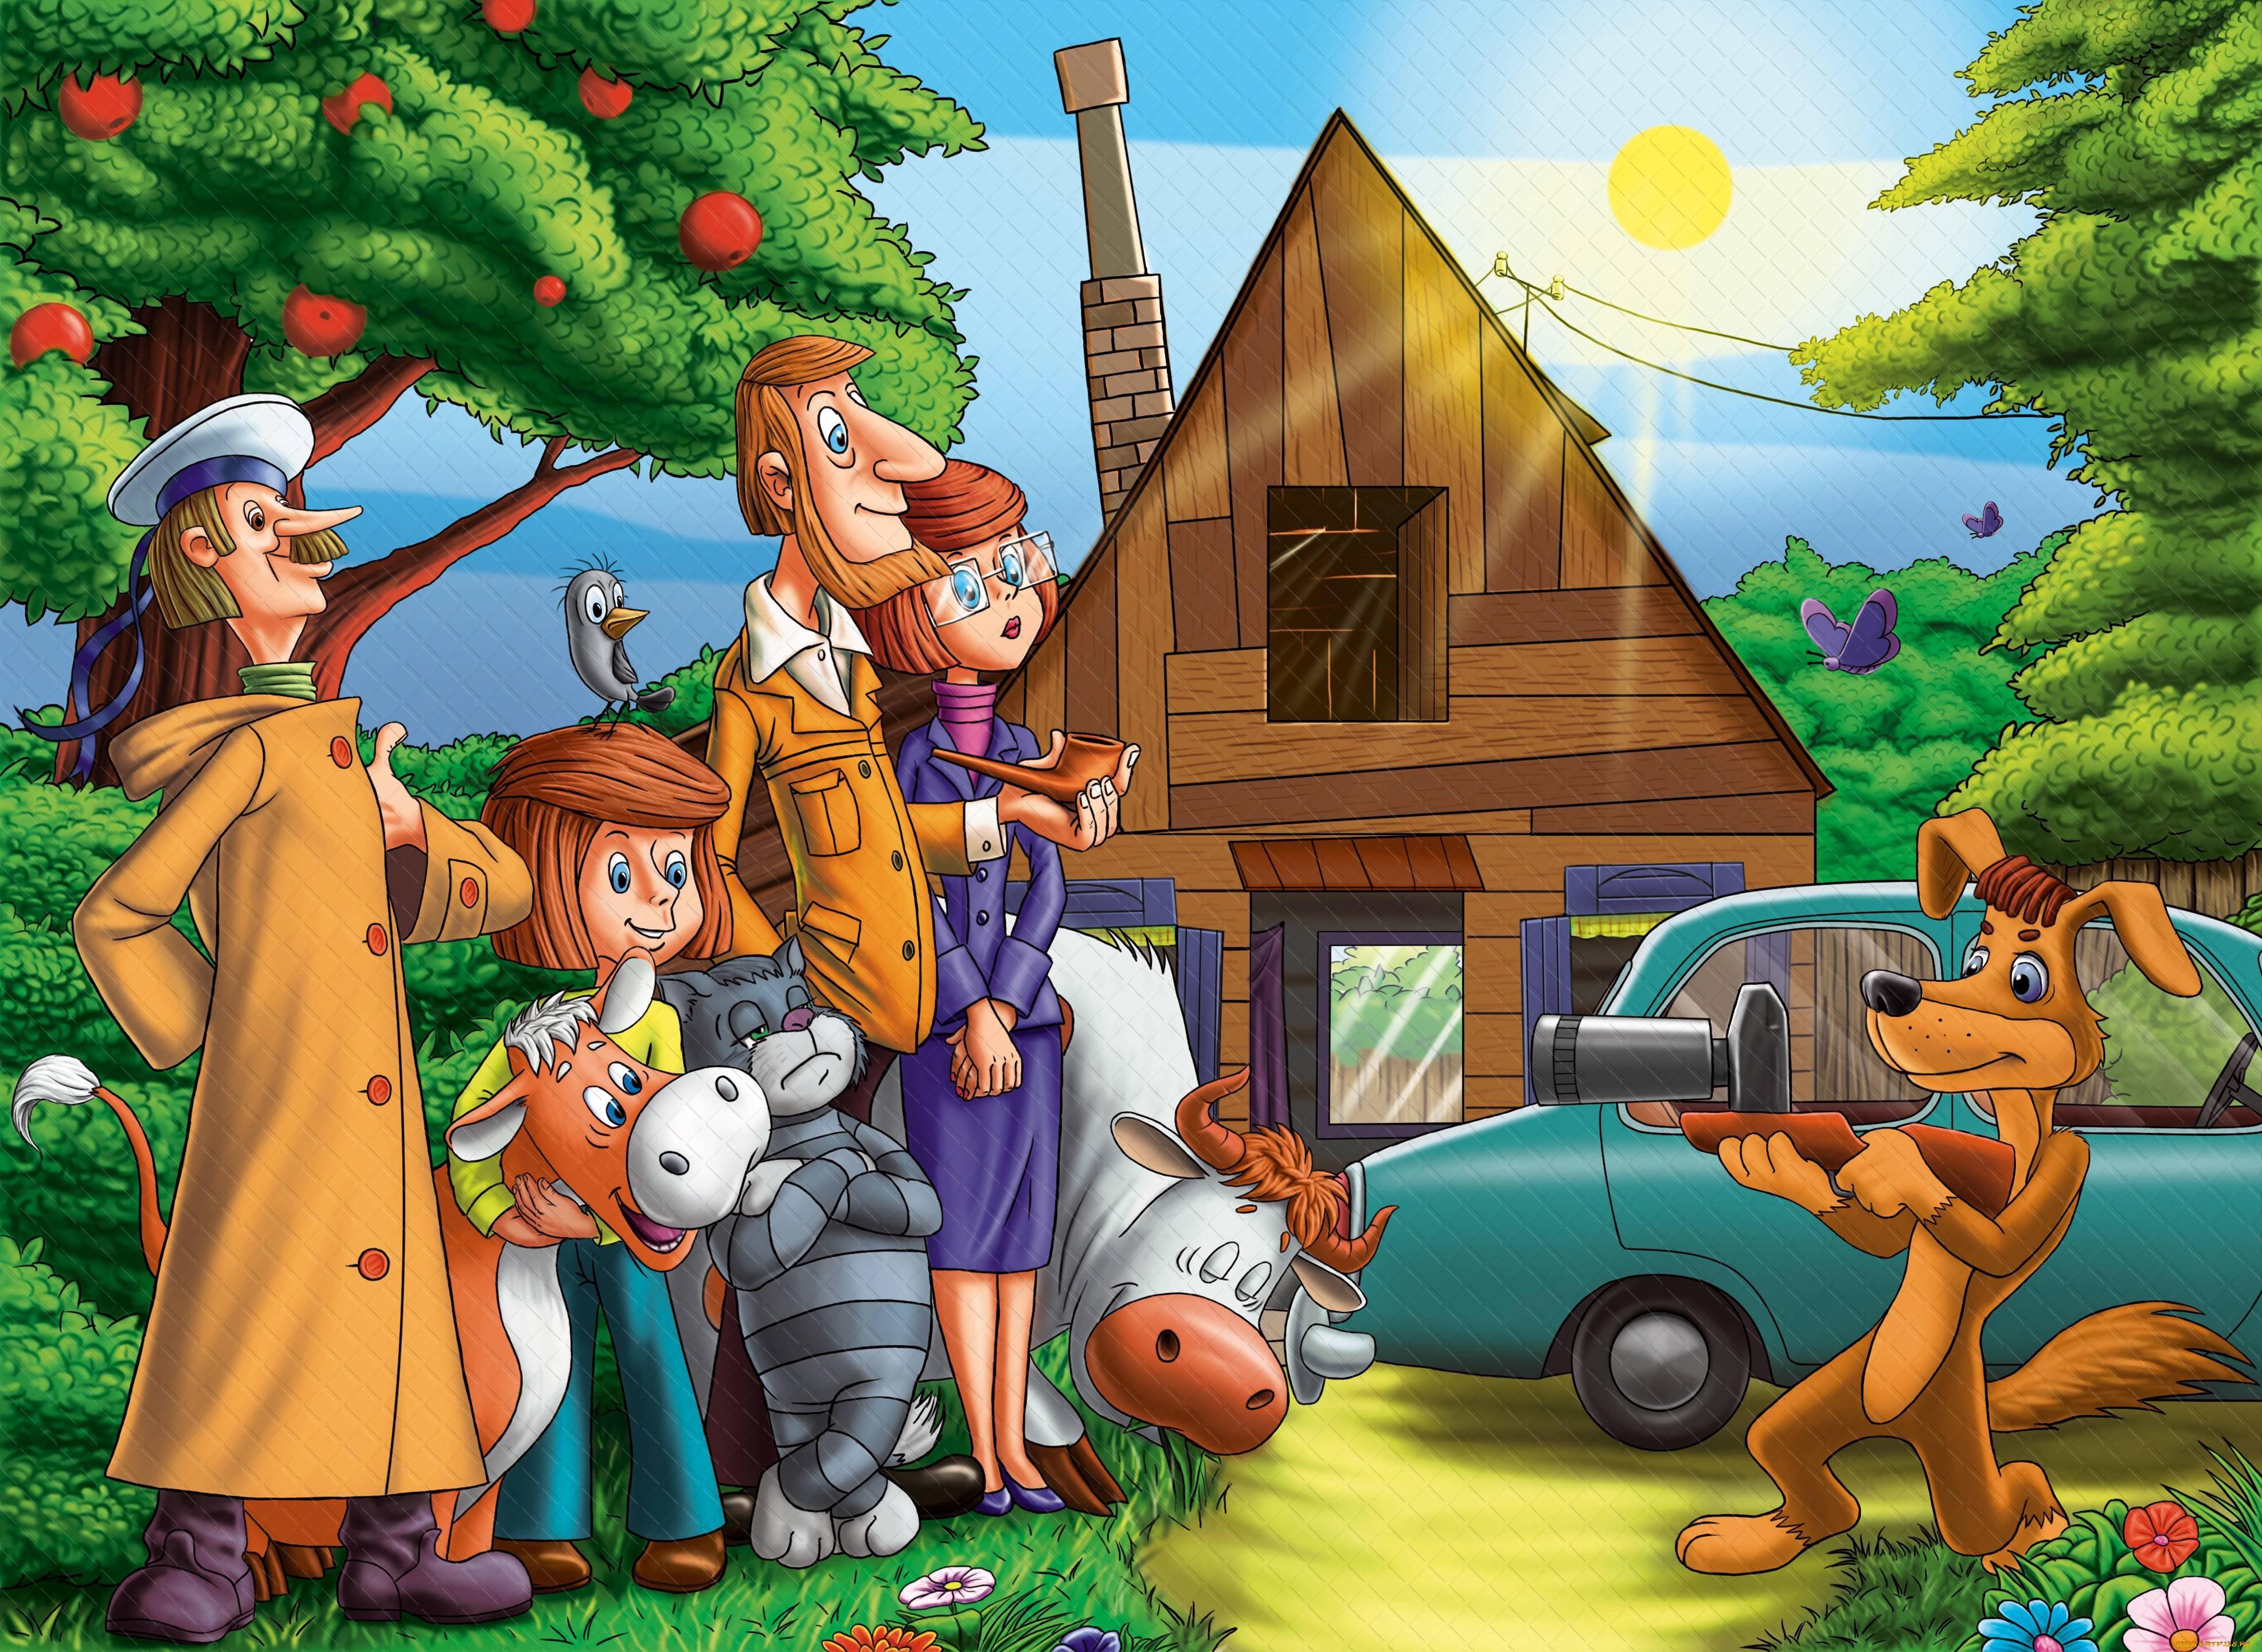 Новая серия мультфильма «Простоквашино» выйдет всамом начале последующего года